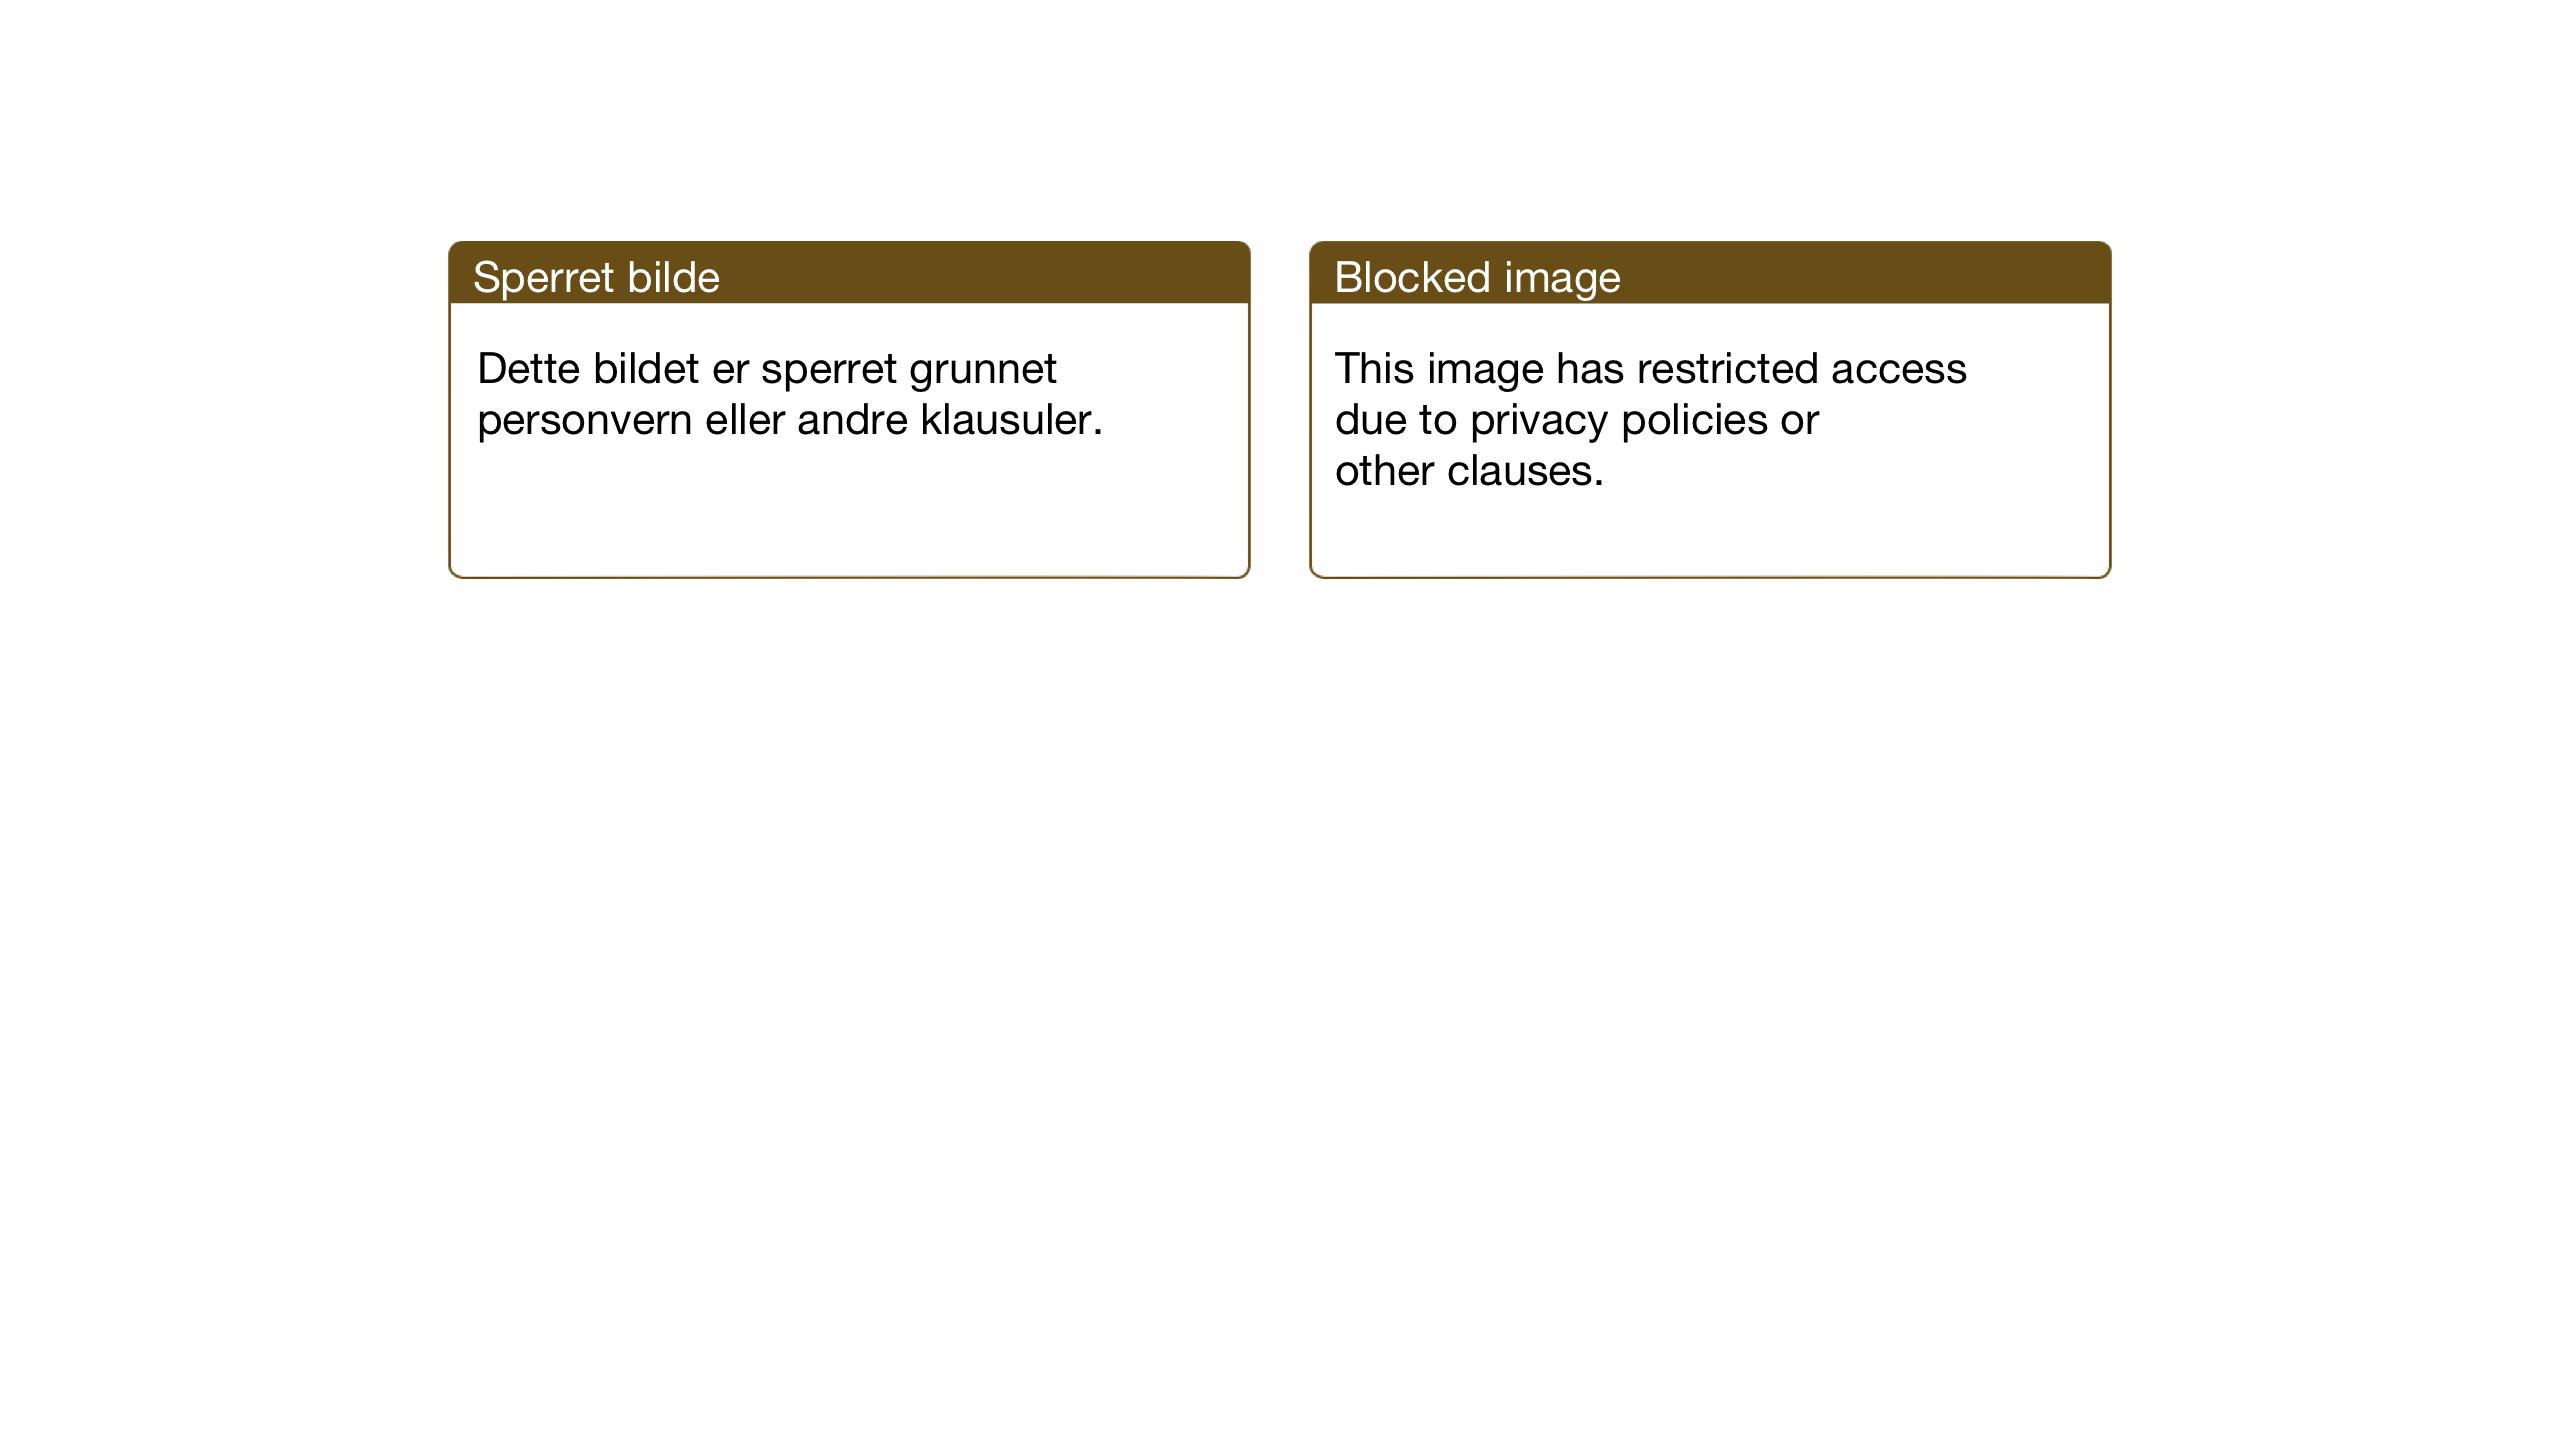 SAT, Ministerialprotokoller, klokkerbøker og fødselsregistre - Sør-Trøndelag, 667/L0799: Klokkerbok nr. 667C04, 1929-1950, s. 70